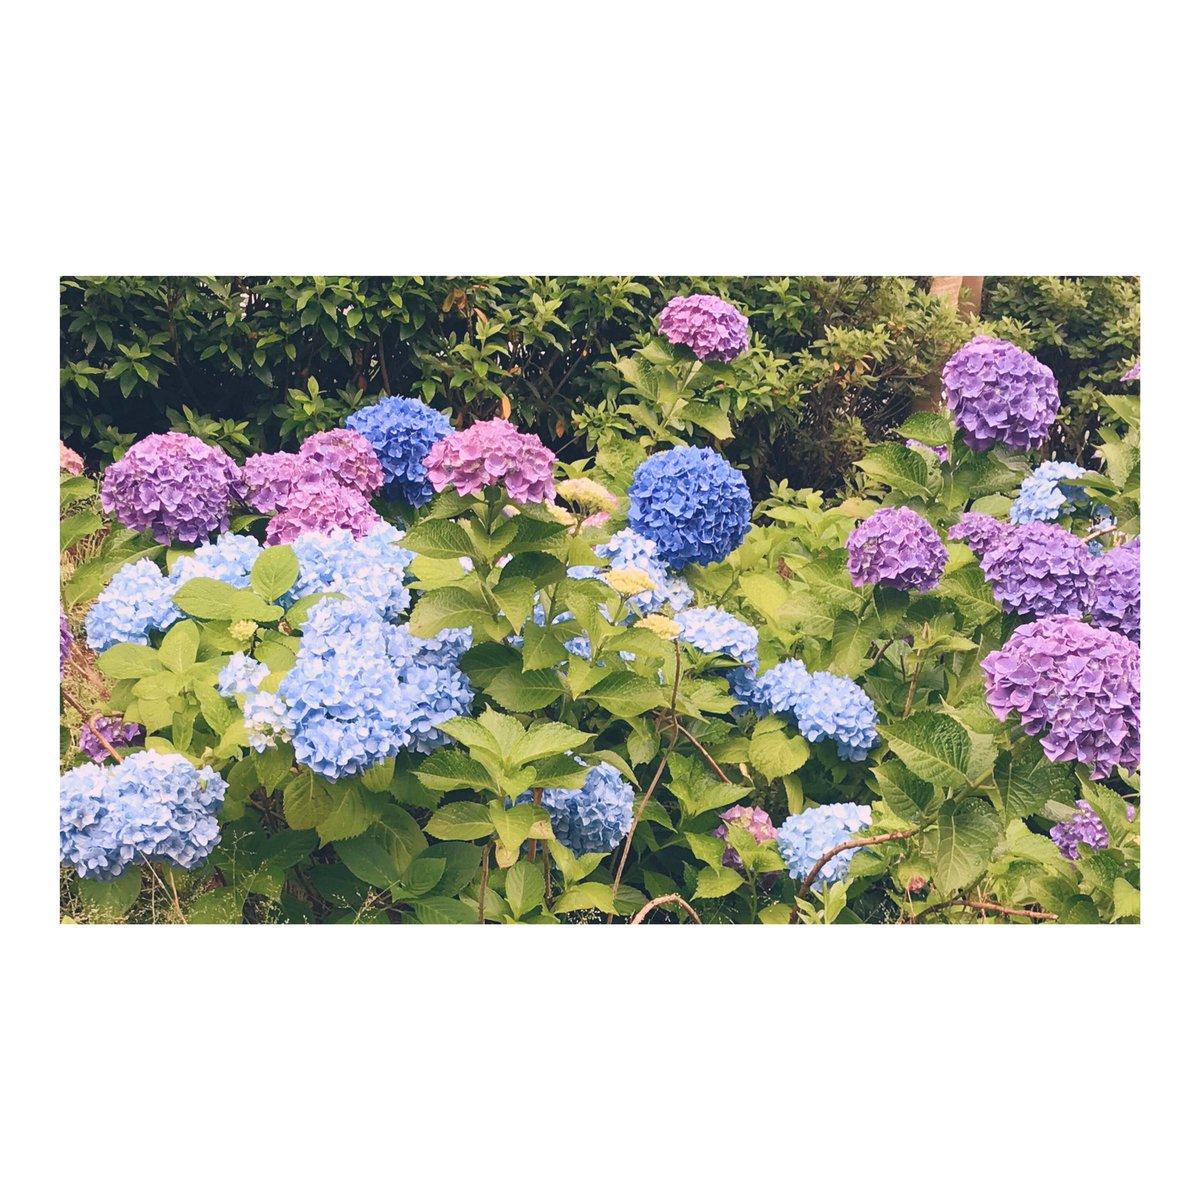 紫陽花が綺麗に咲いていたので呟いてみます!#紫陽花は好きなお花ランキング2位です